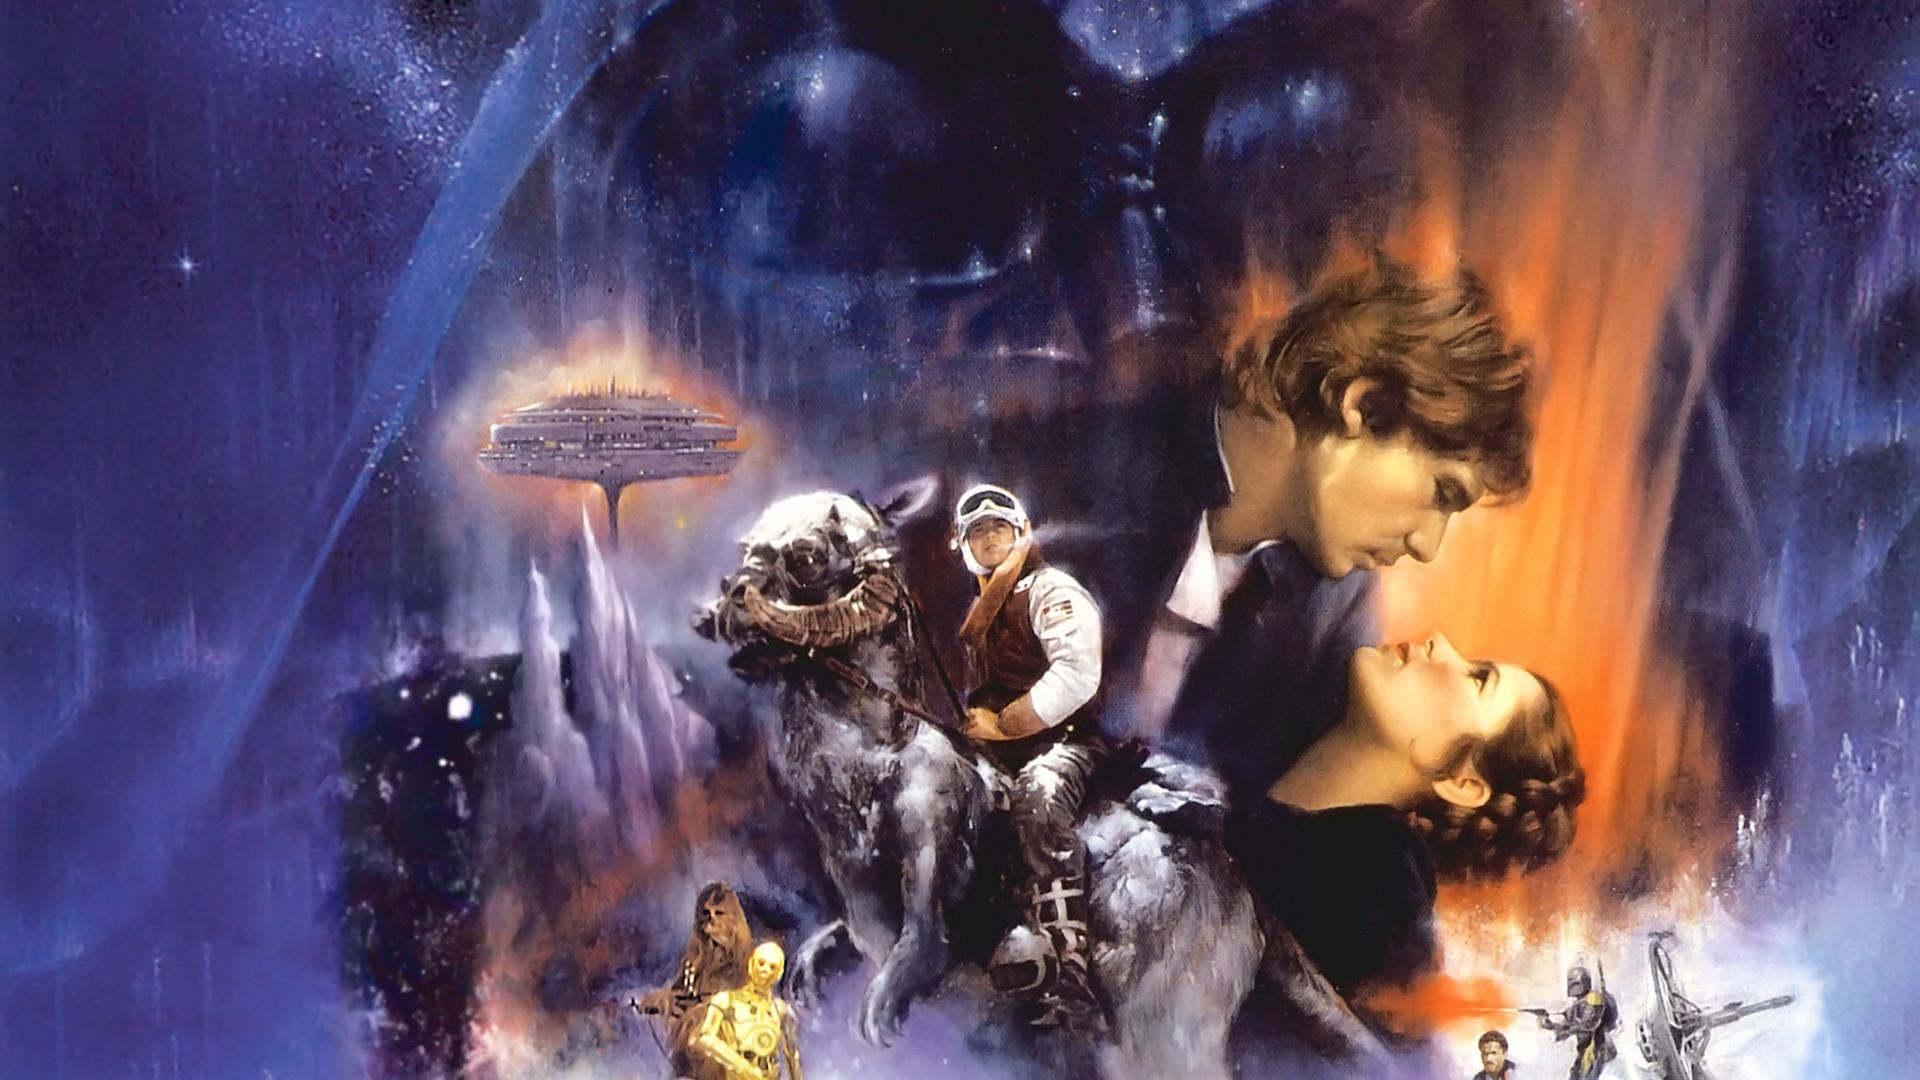 HD Wallpaper Background ID338865 1920x1080 Movie Star Wars Episode 1920x1080